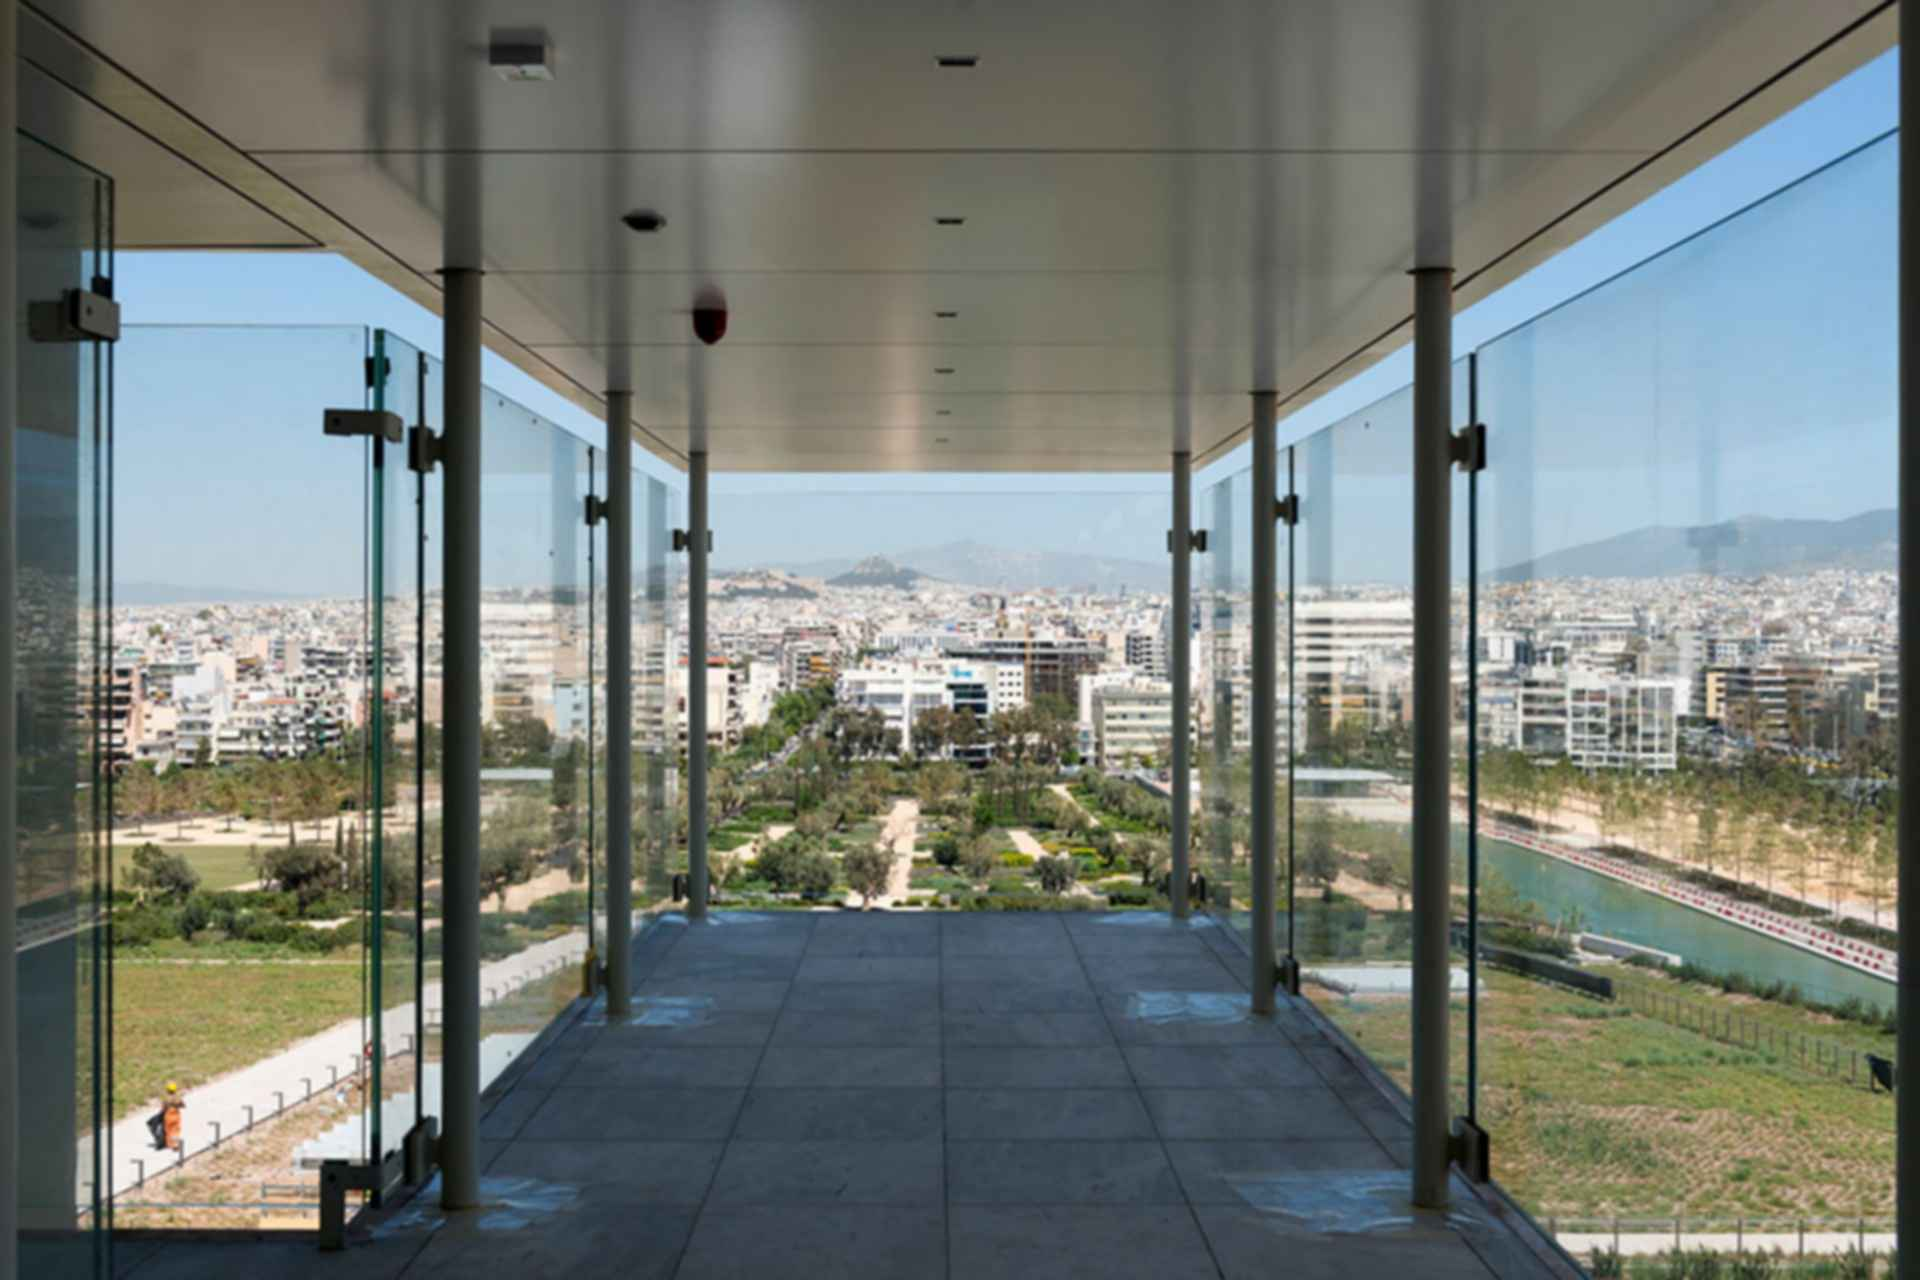 Stavros Niarchos Cultural Foundation - exterior